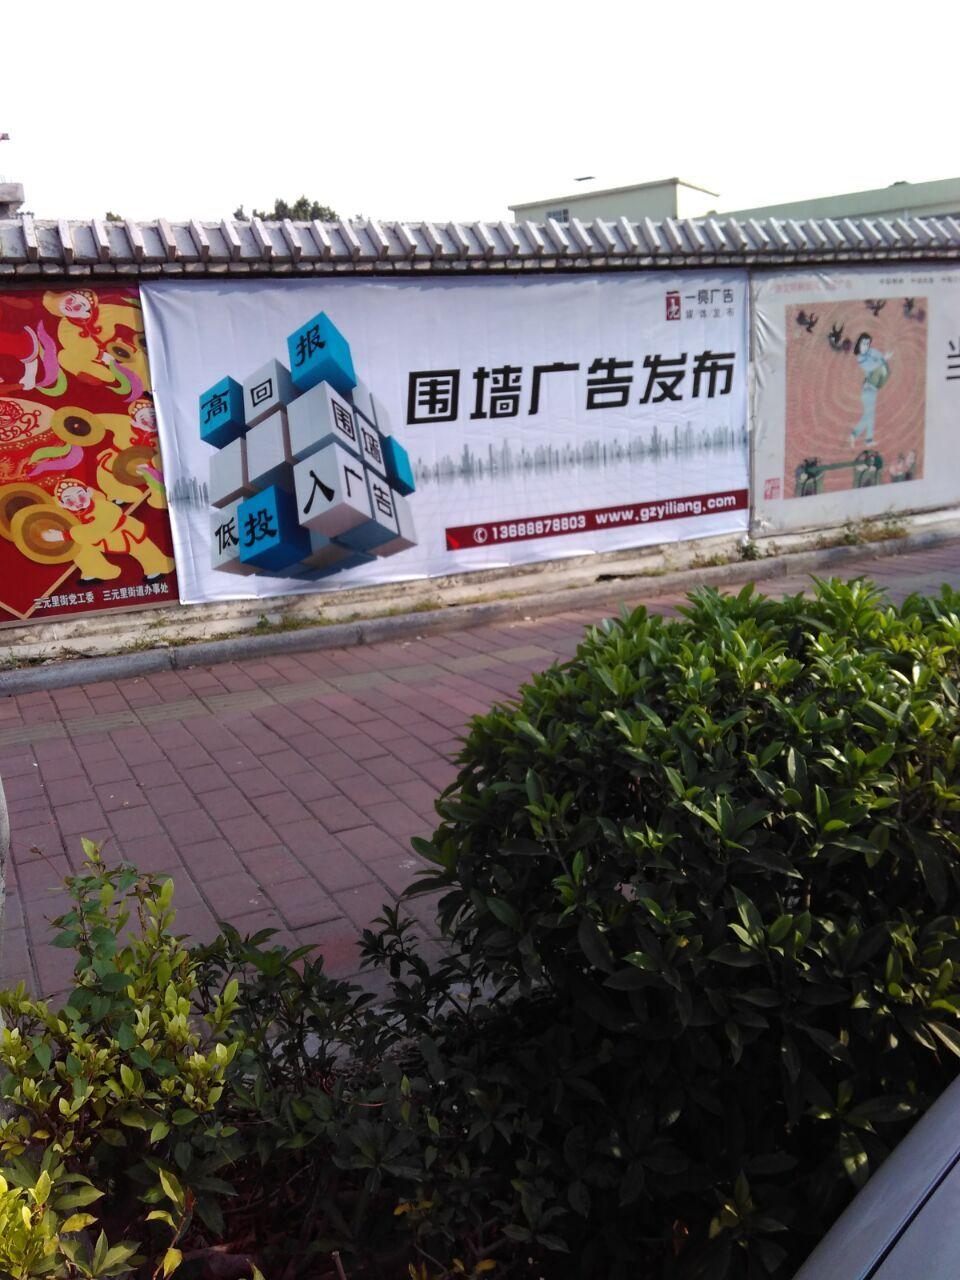 供应广州户外广告广州广告制作,围墙广告公司